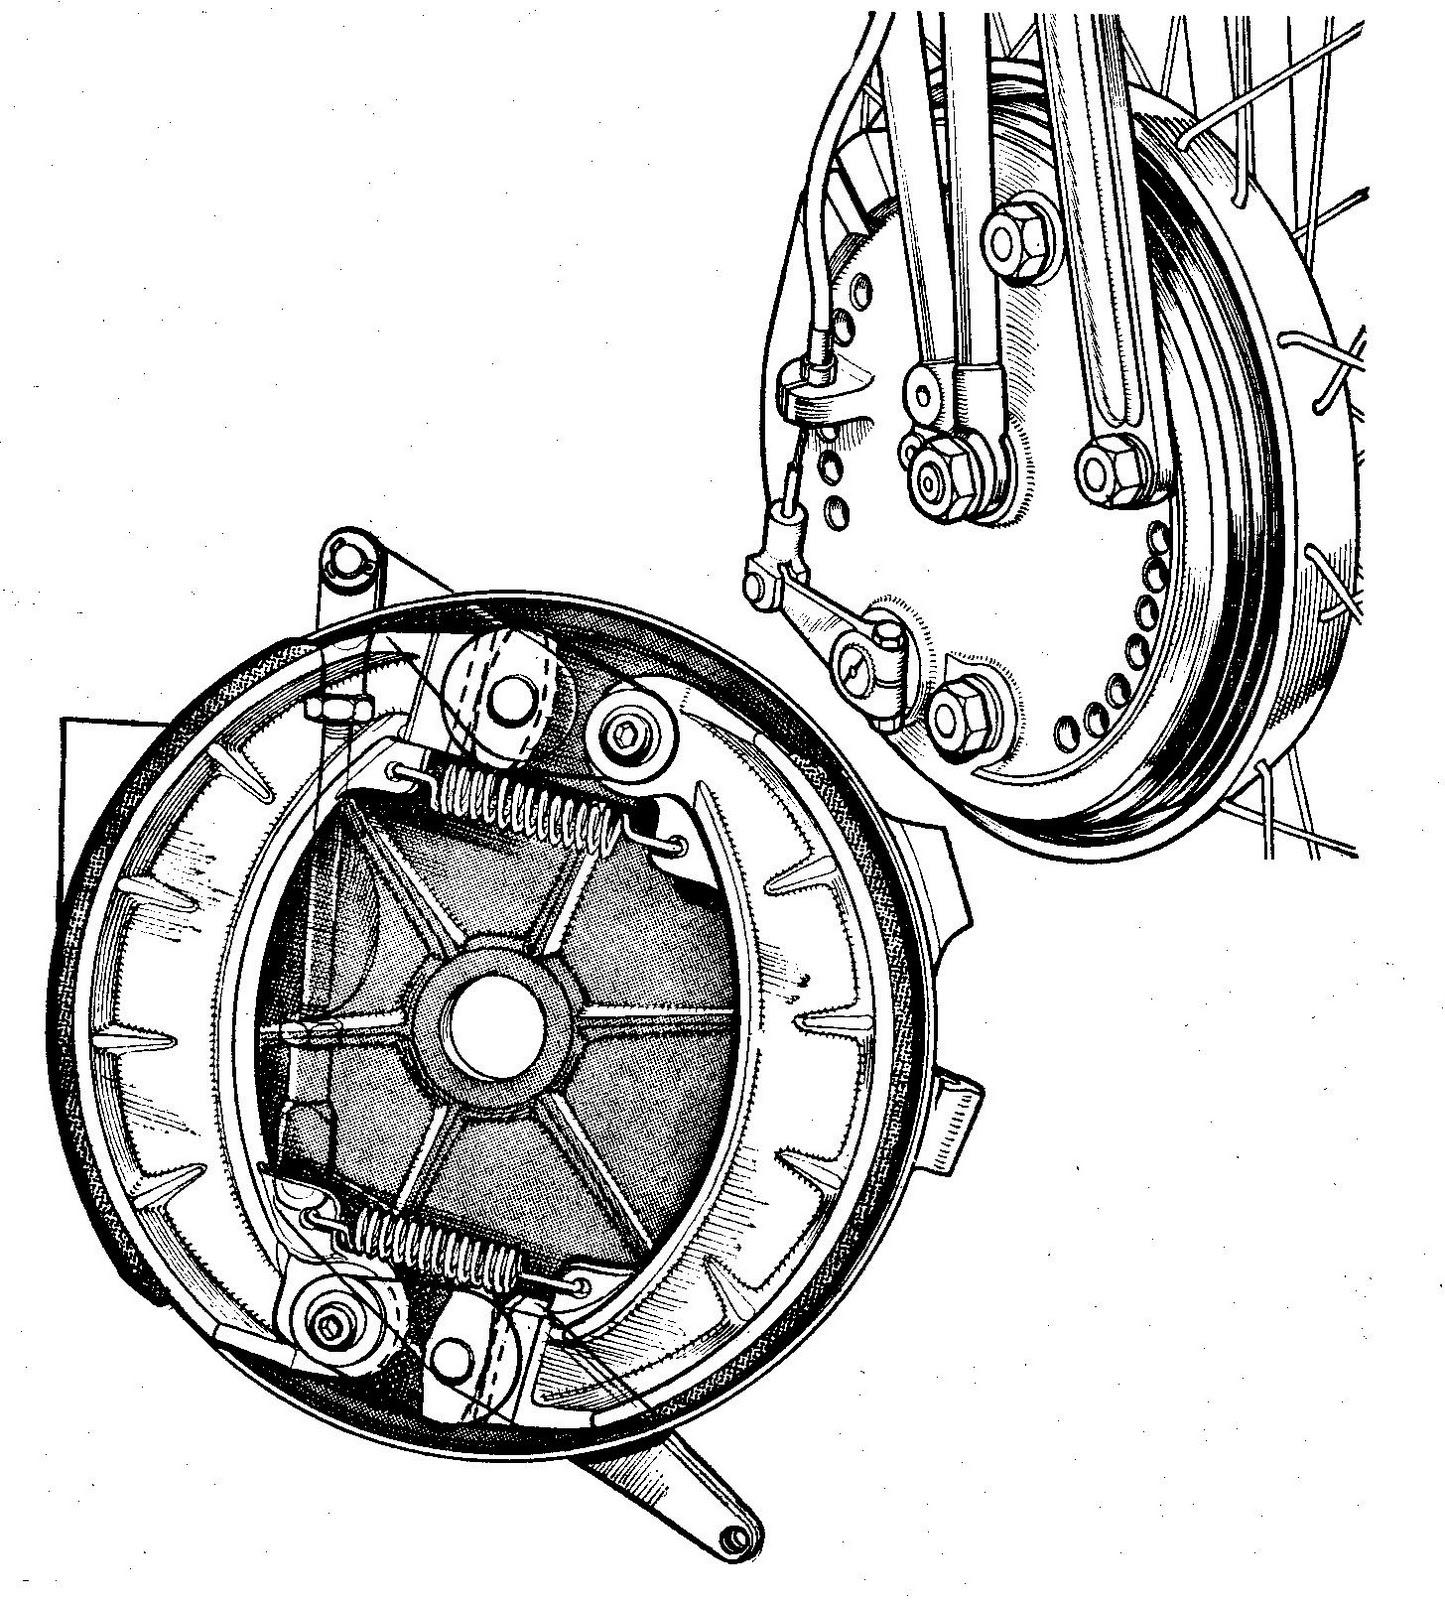 The Velobanjogent Velocette S 4 Cylinder Racer The